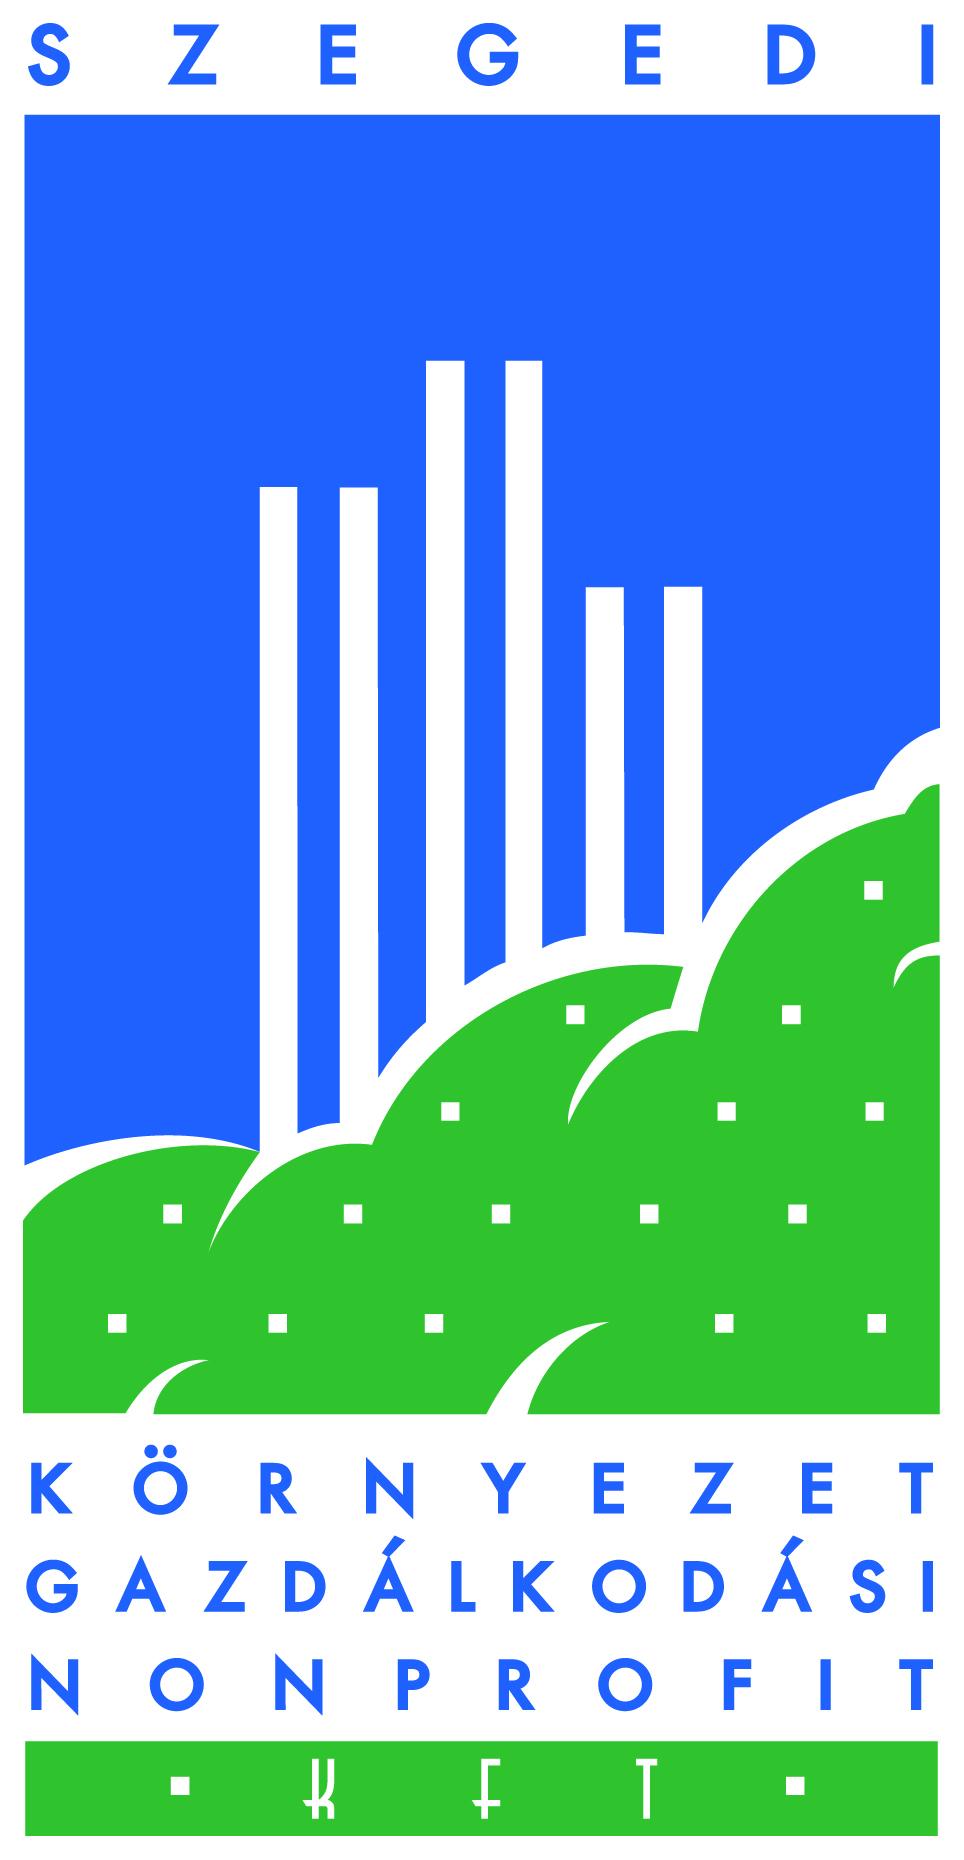 Szegedi Környezetgazdálkodási Nonprofit Kft